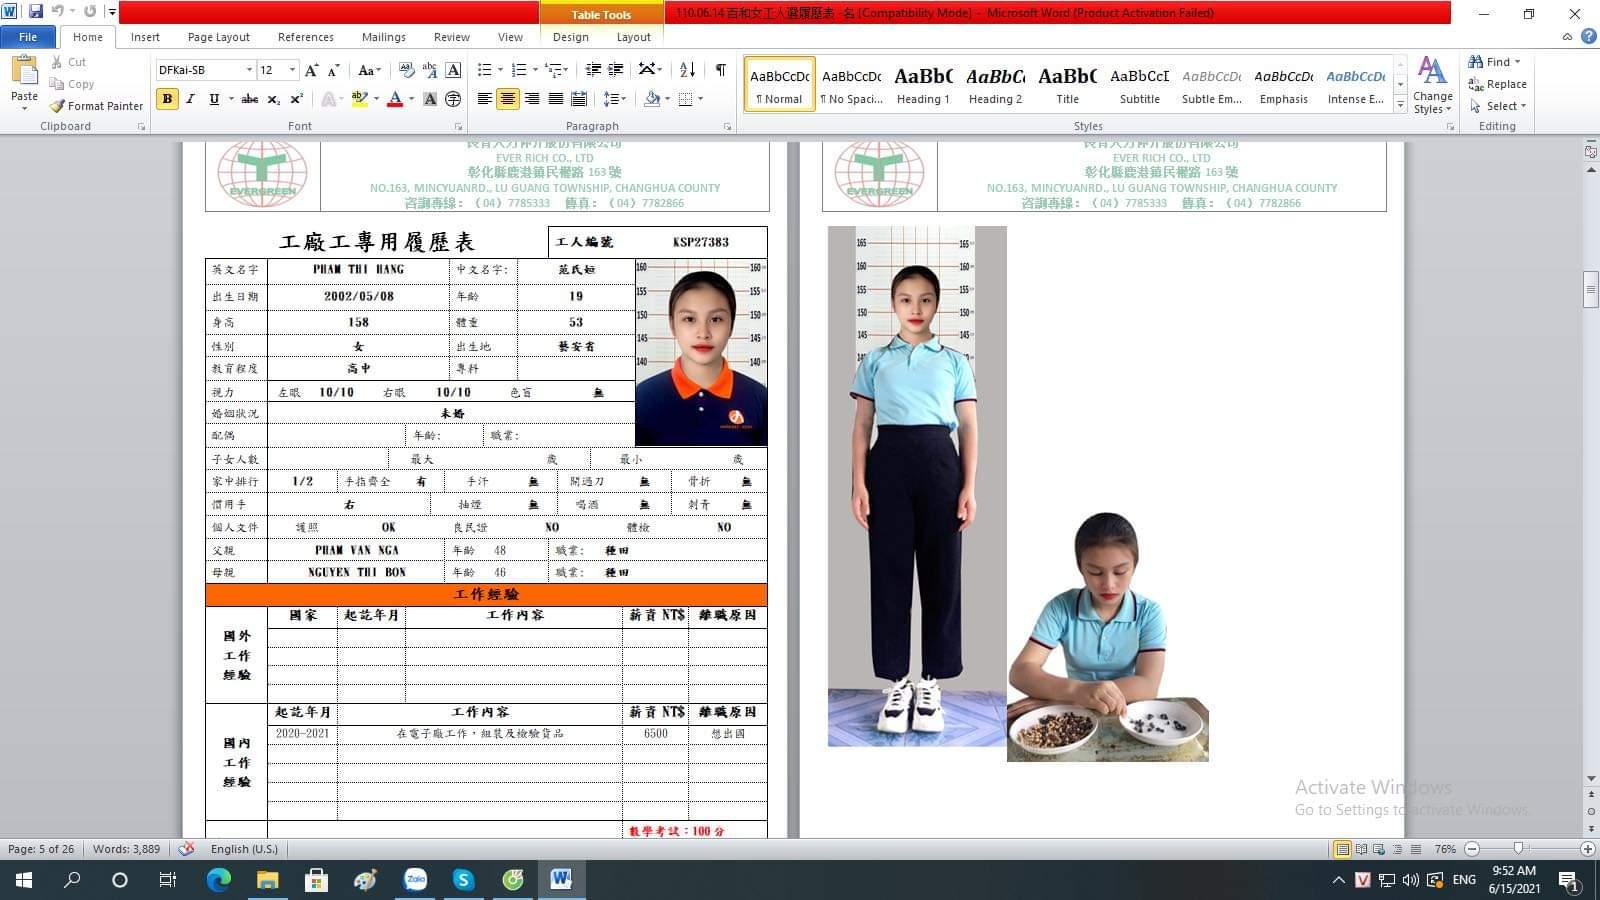 đo chiều cao khi đăng kí thi tuyển xuất khẩu lao động Nhật Bản